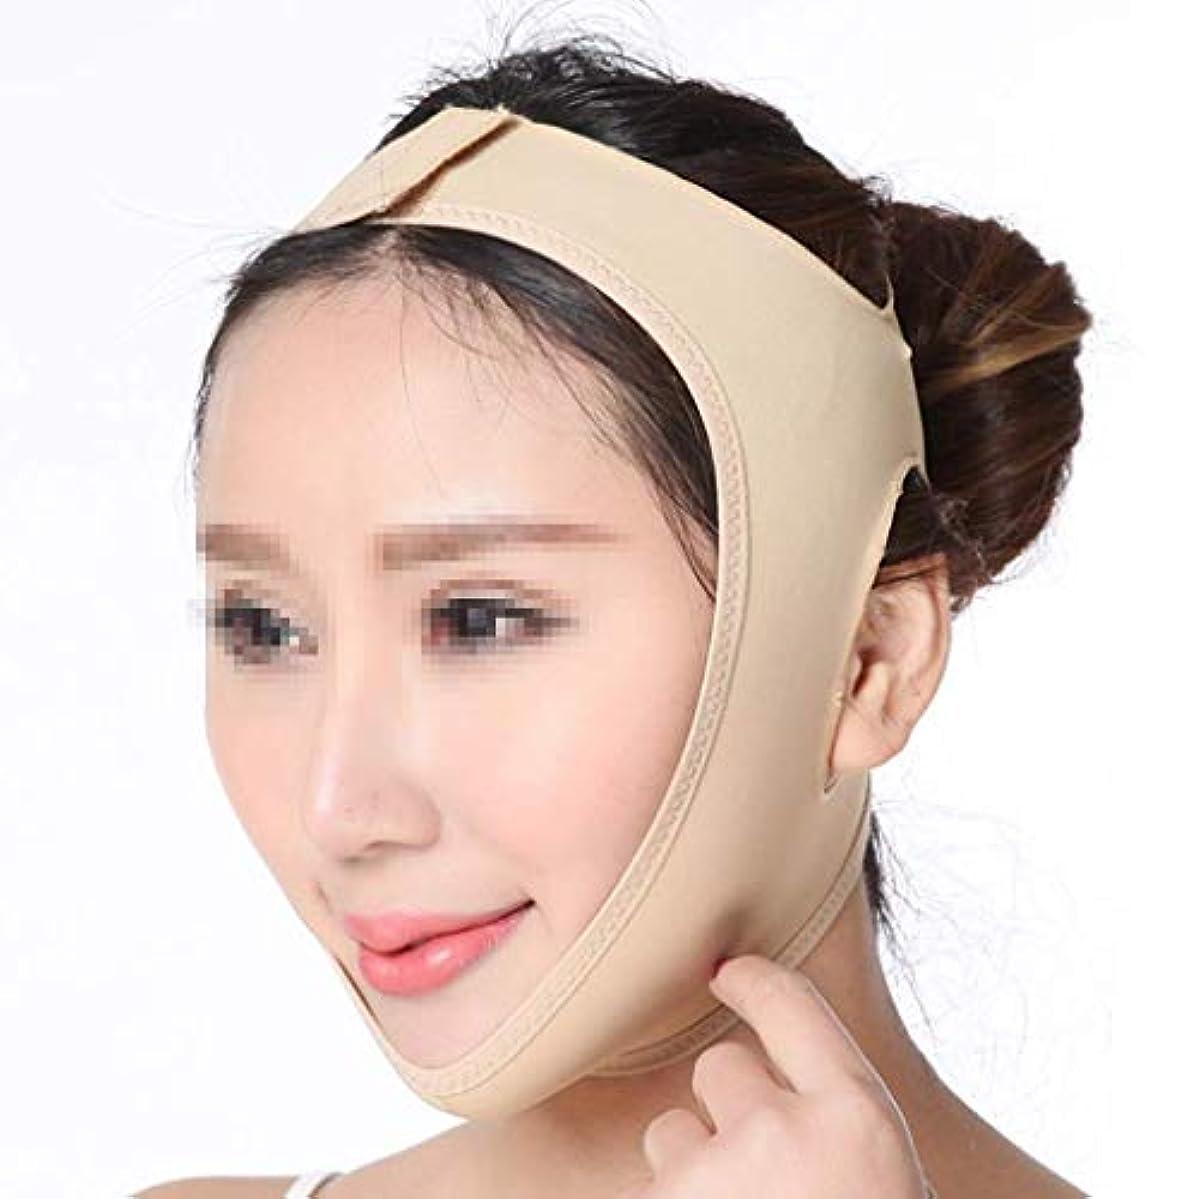 移行する批判より良いビューティーマスク、回復後のラインカービングダブルチンフェイスリフトアーティファクトフェイススモールVフェイスインストゥルメントバンデージリフティングケアヘッドギア(サイズ:L)